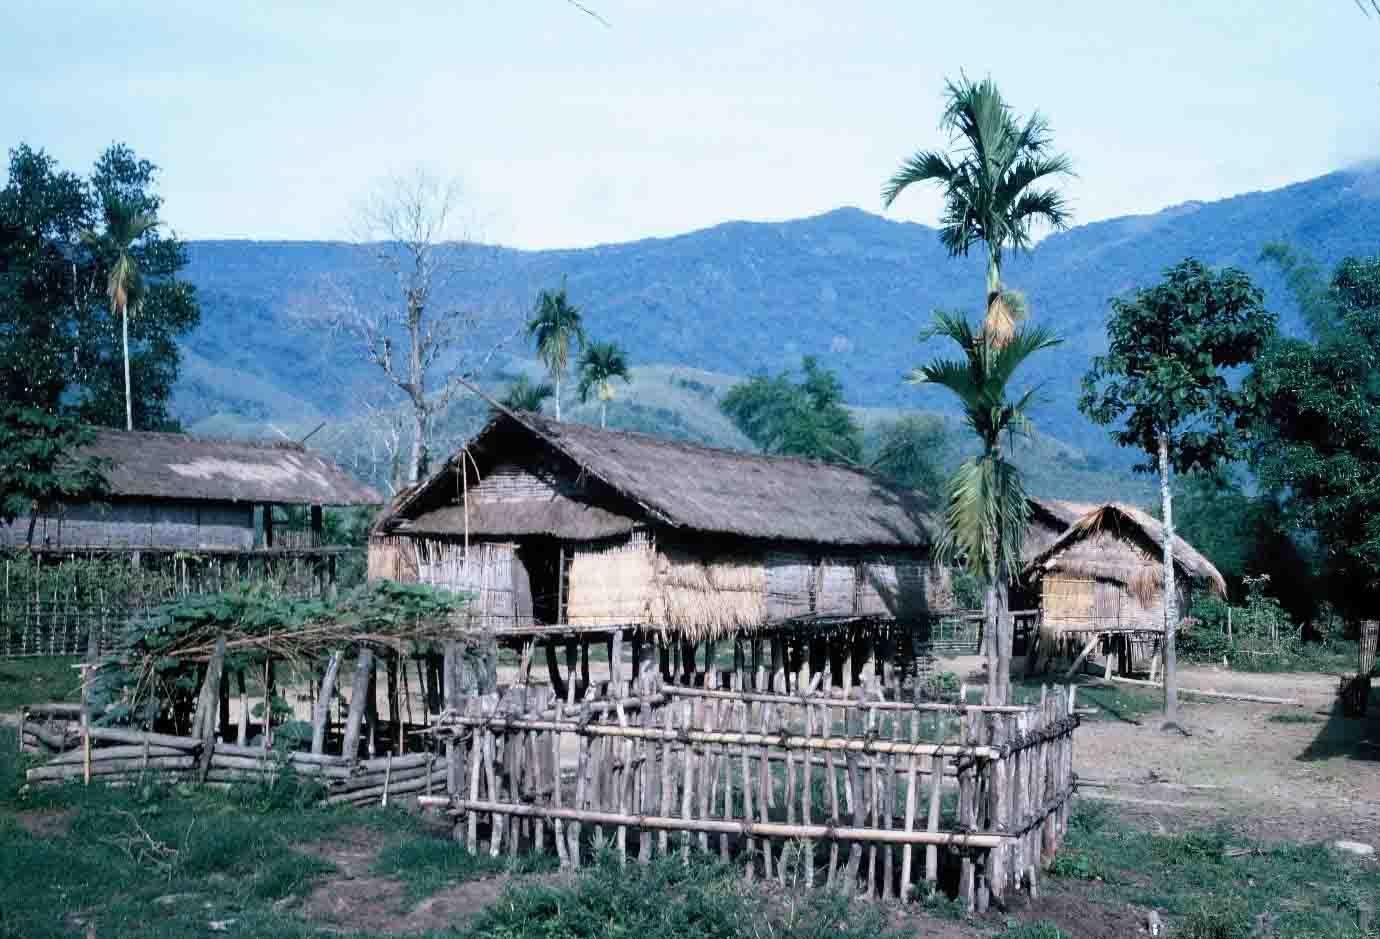 Nhà của đồng bào Hrê (Ảnh tư liệu của Bảo tàng Đắk Lắk)